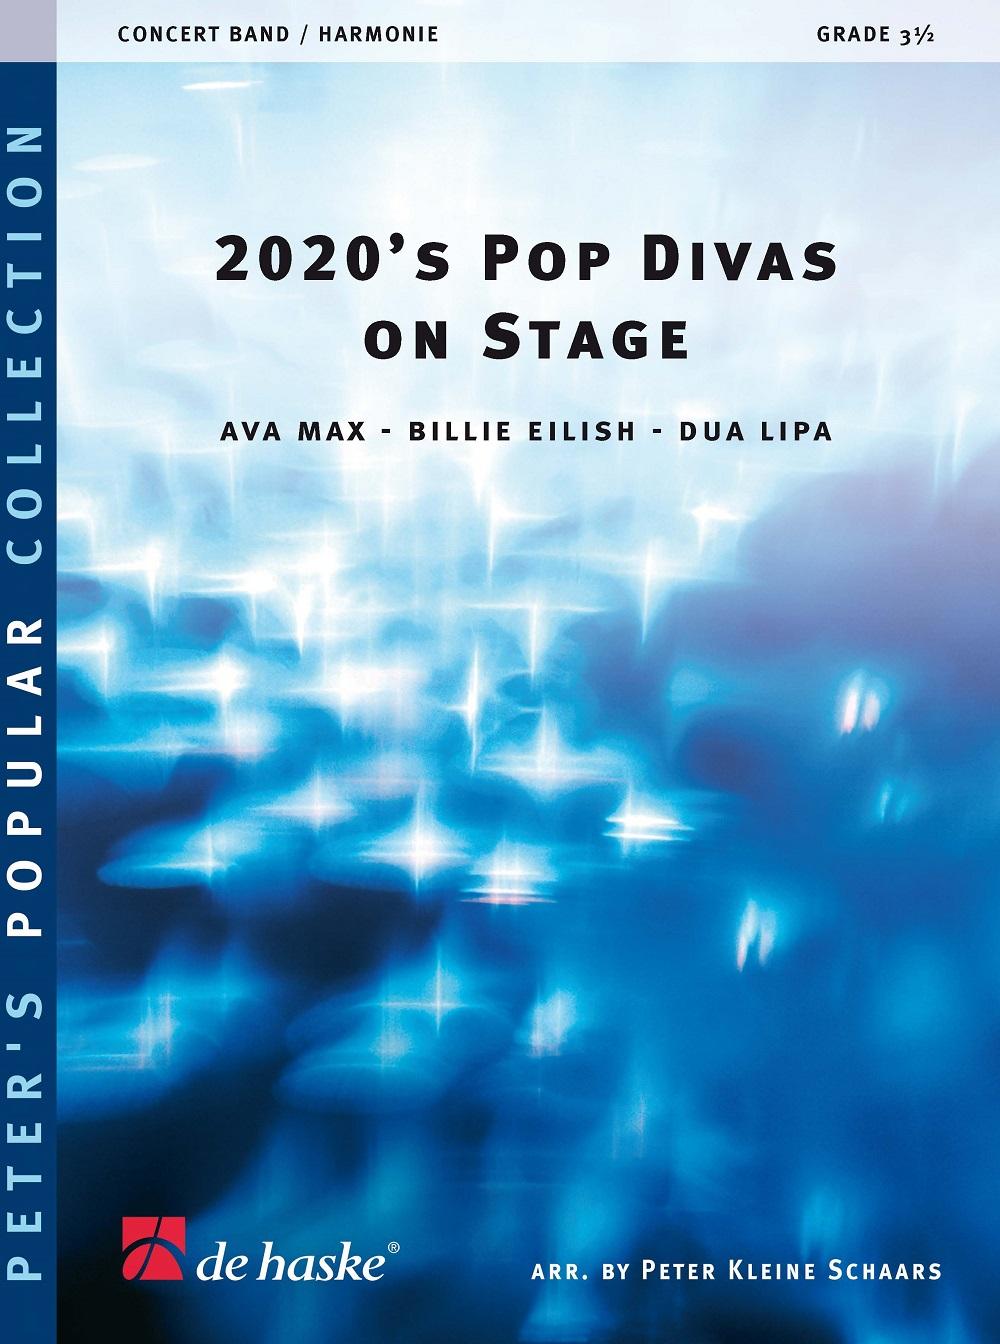 2020's Pop Divas on Stage: Concert Band: Score & Parts